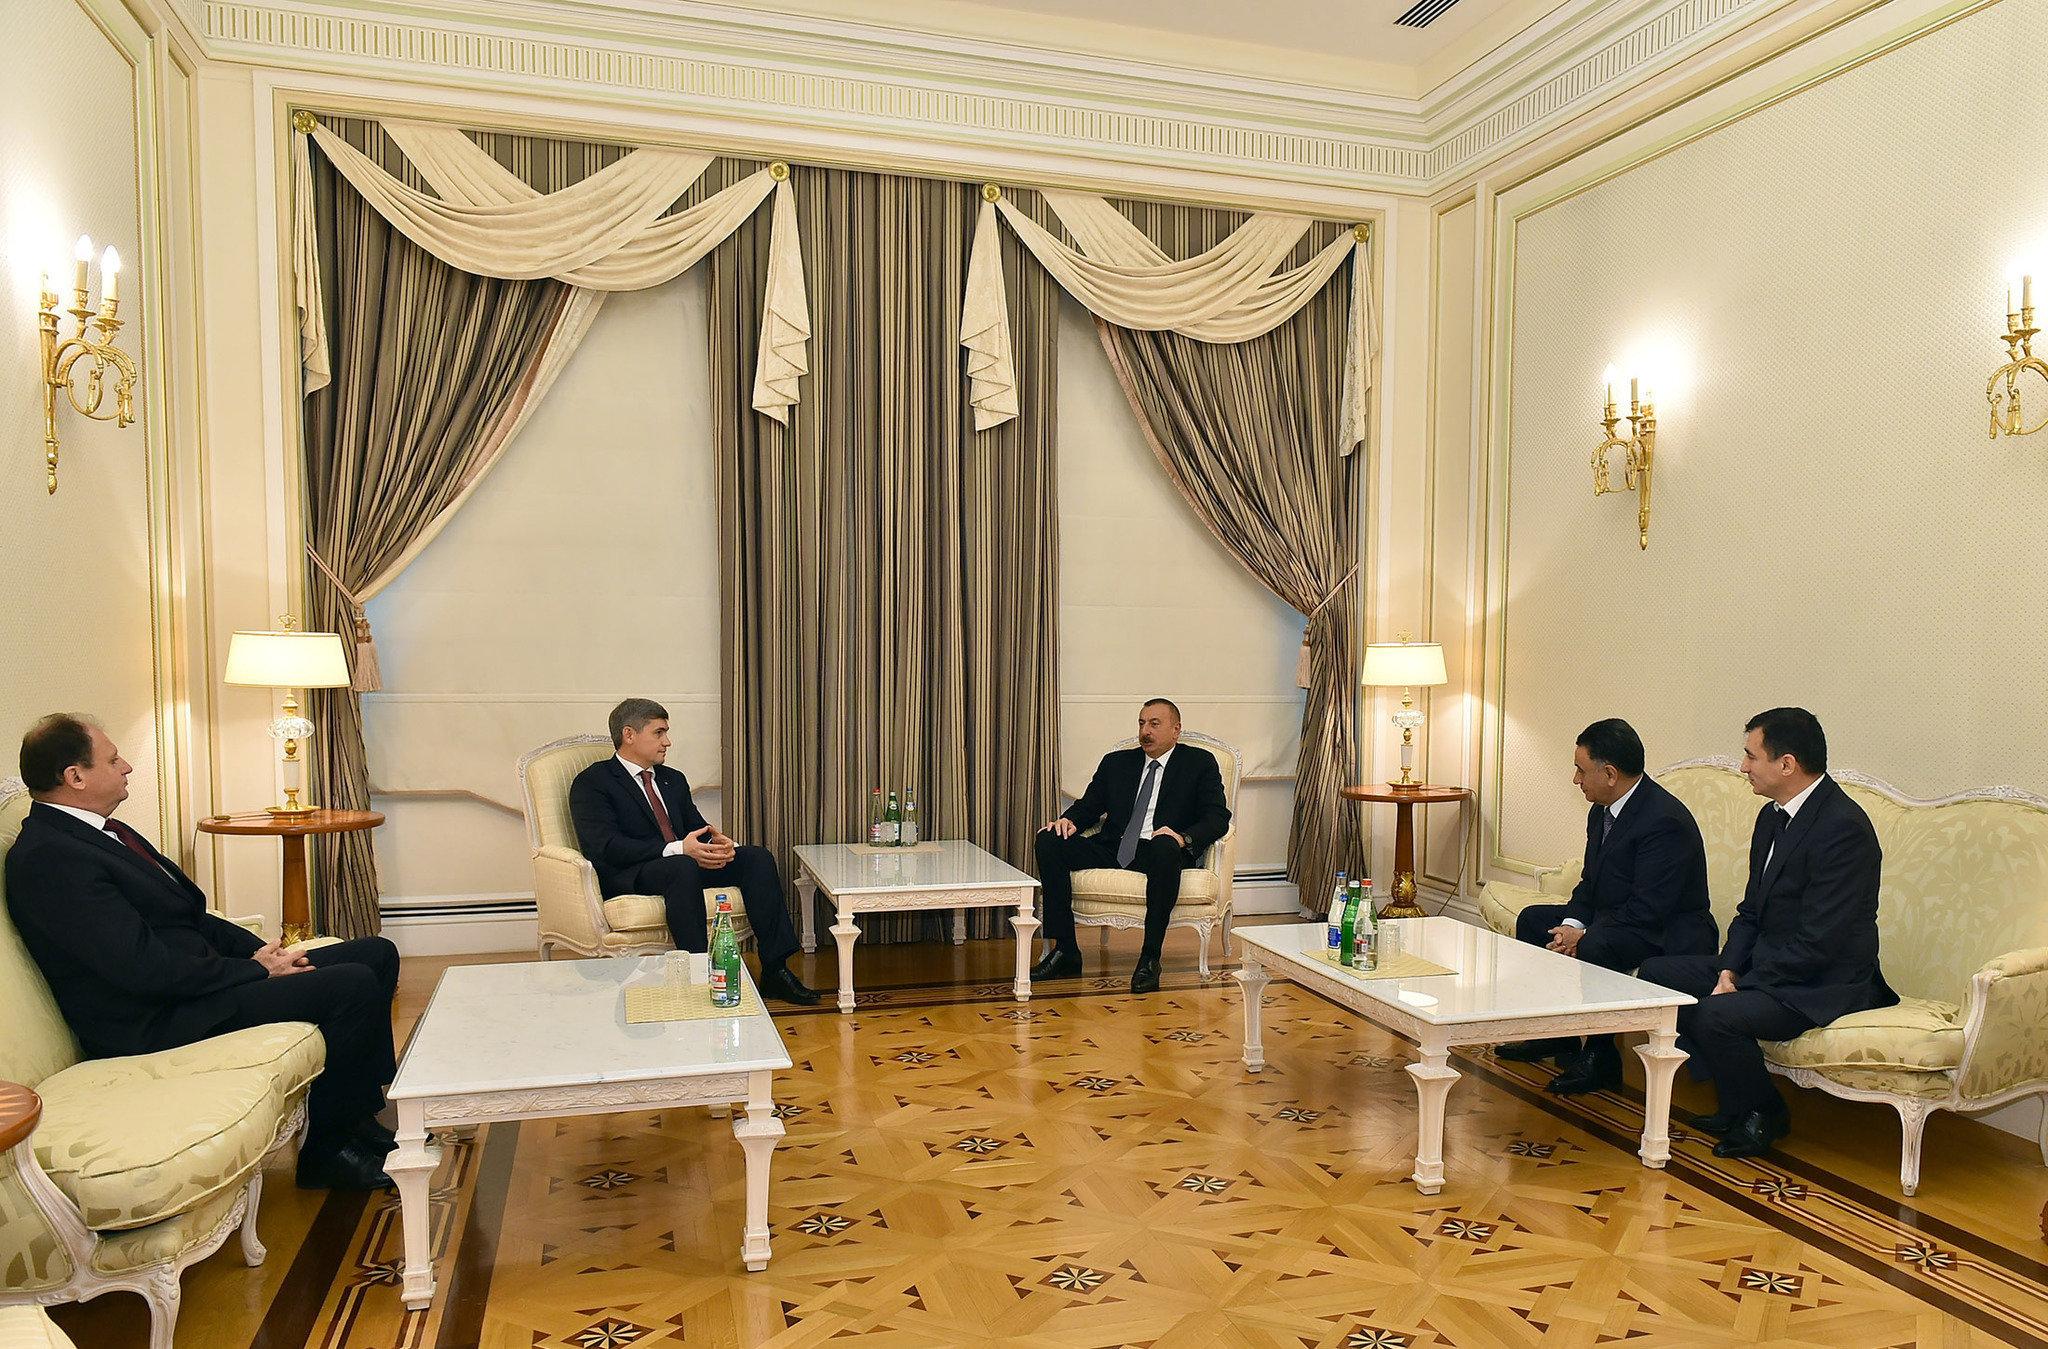 Президент Азербайджана Ильхам Алиев принял министра внутренних дел Молдовы